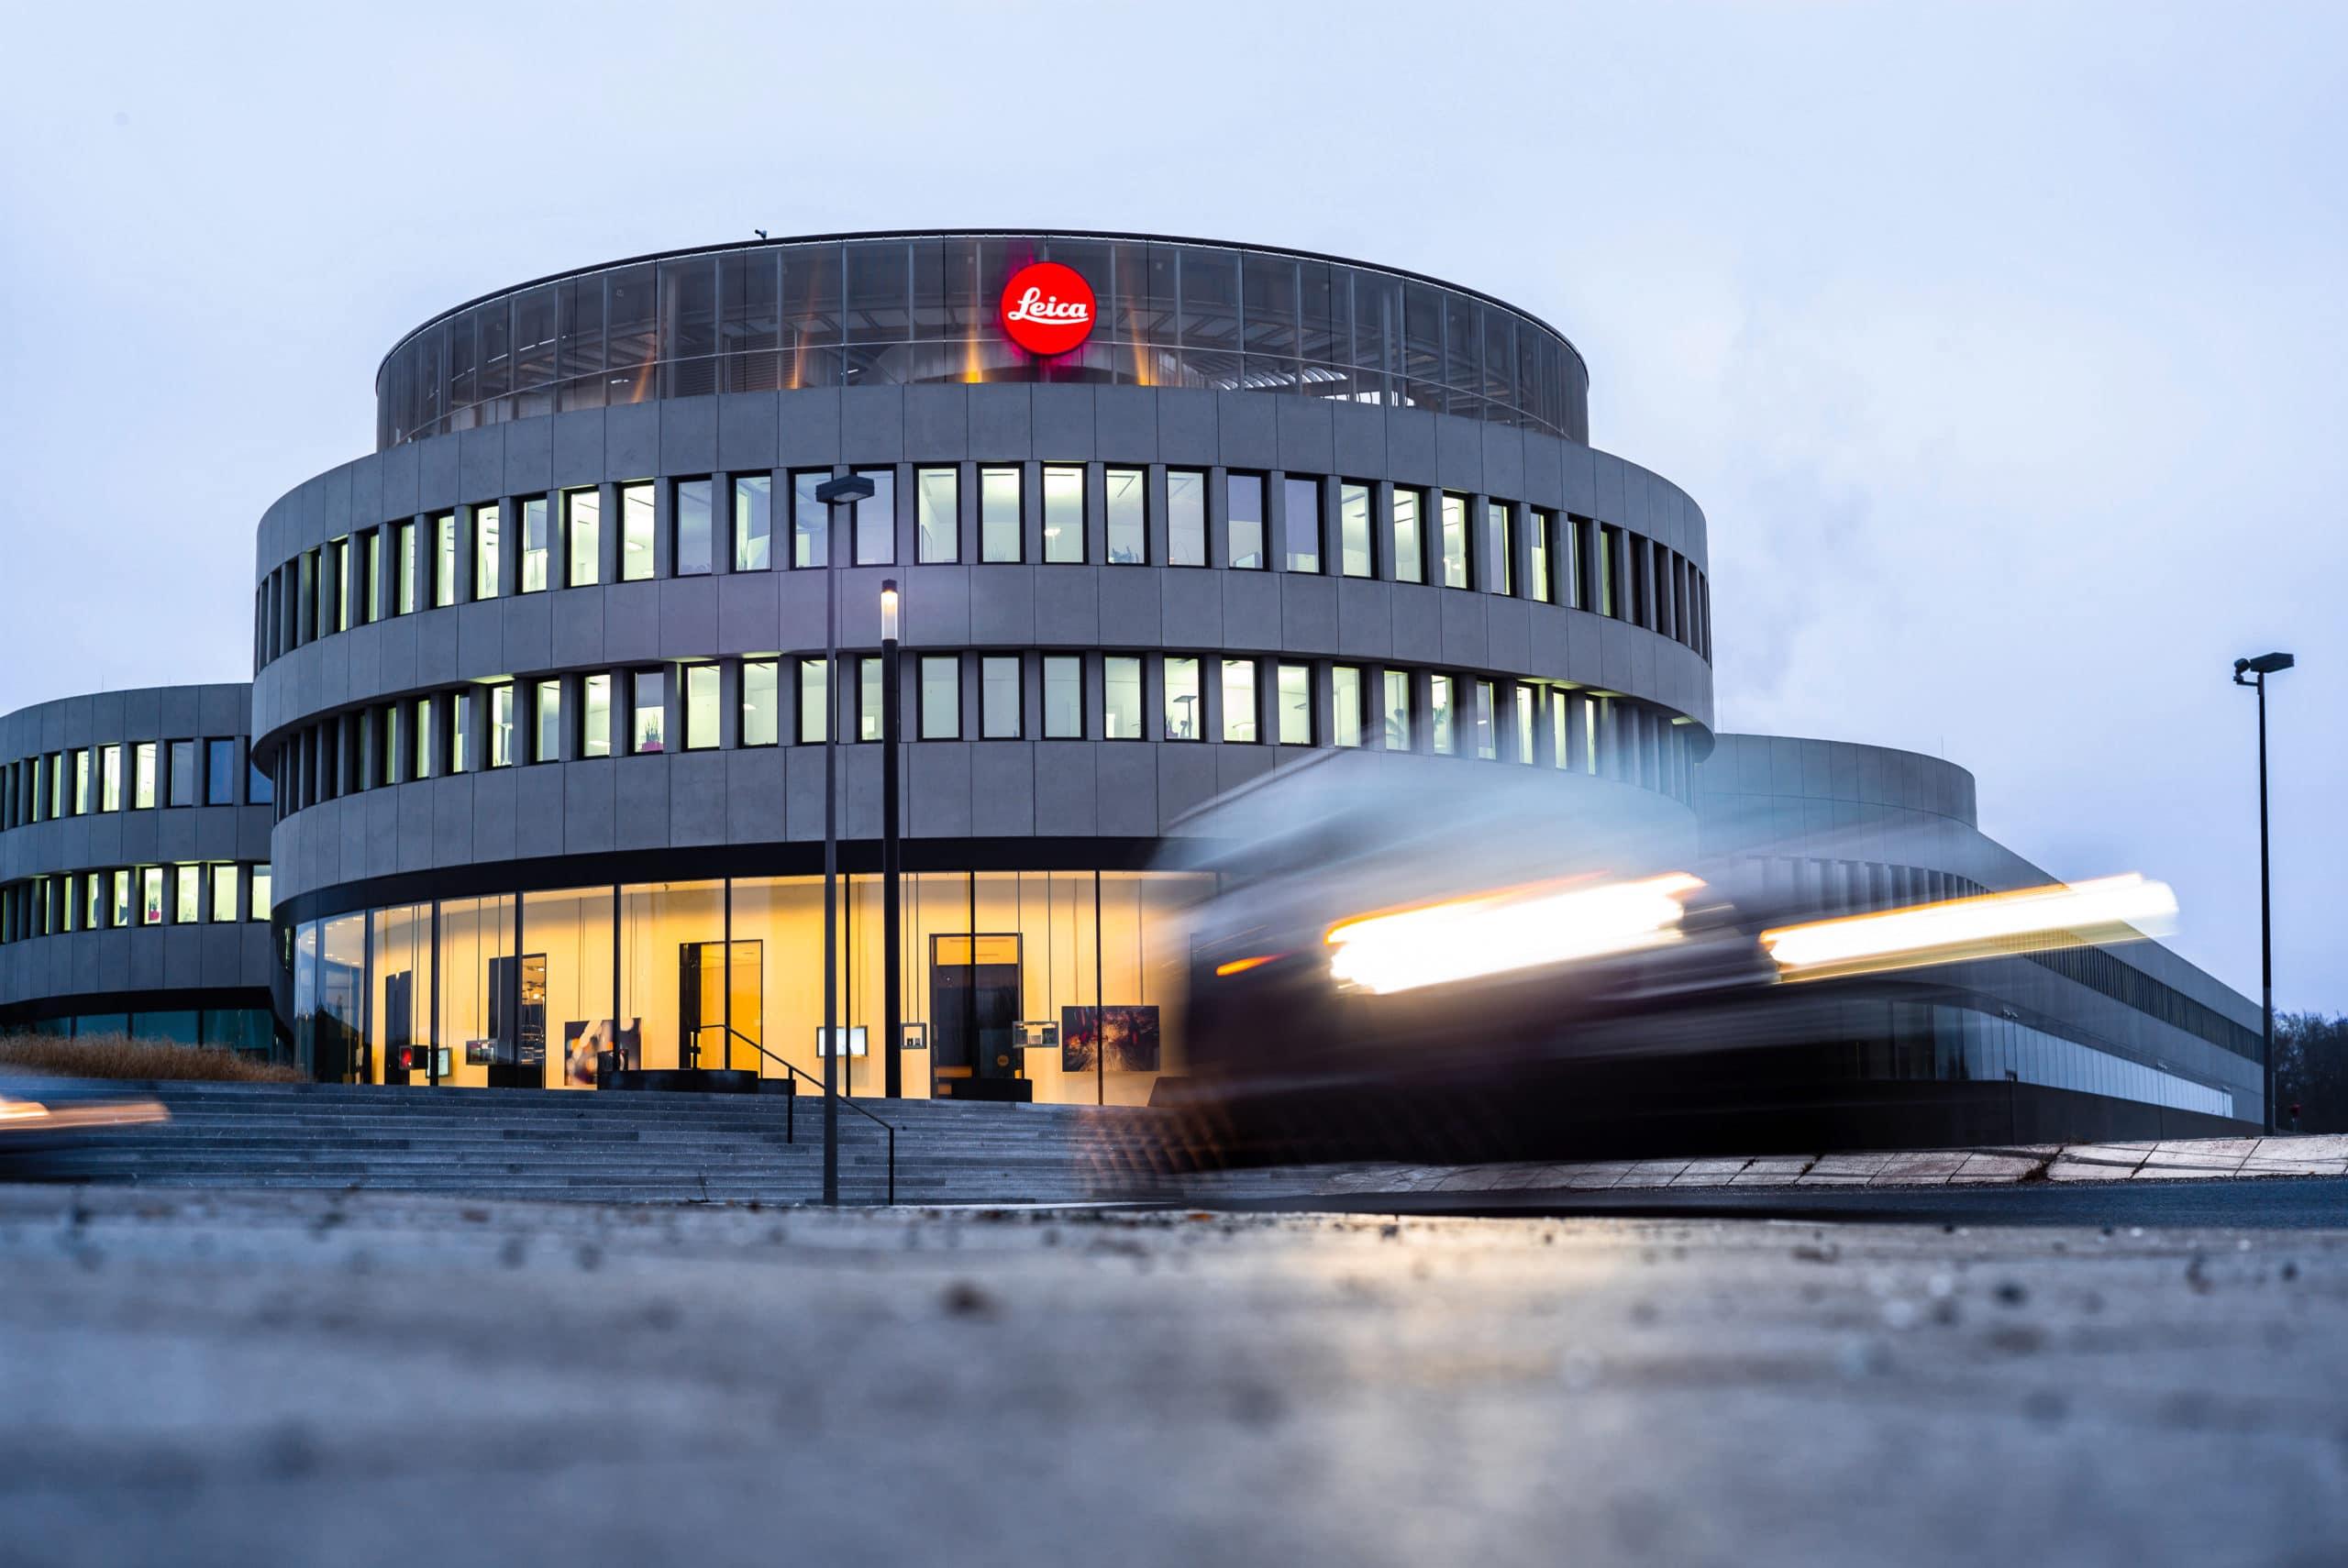 Architekturaufnahme des Leitz Park Leica in der Dämmerung mit bewegtem Auto im Vordergrund | Architektur Fotograf in der Region Osnabrück Münster Bielefeld